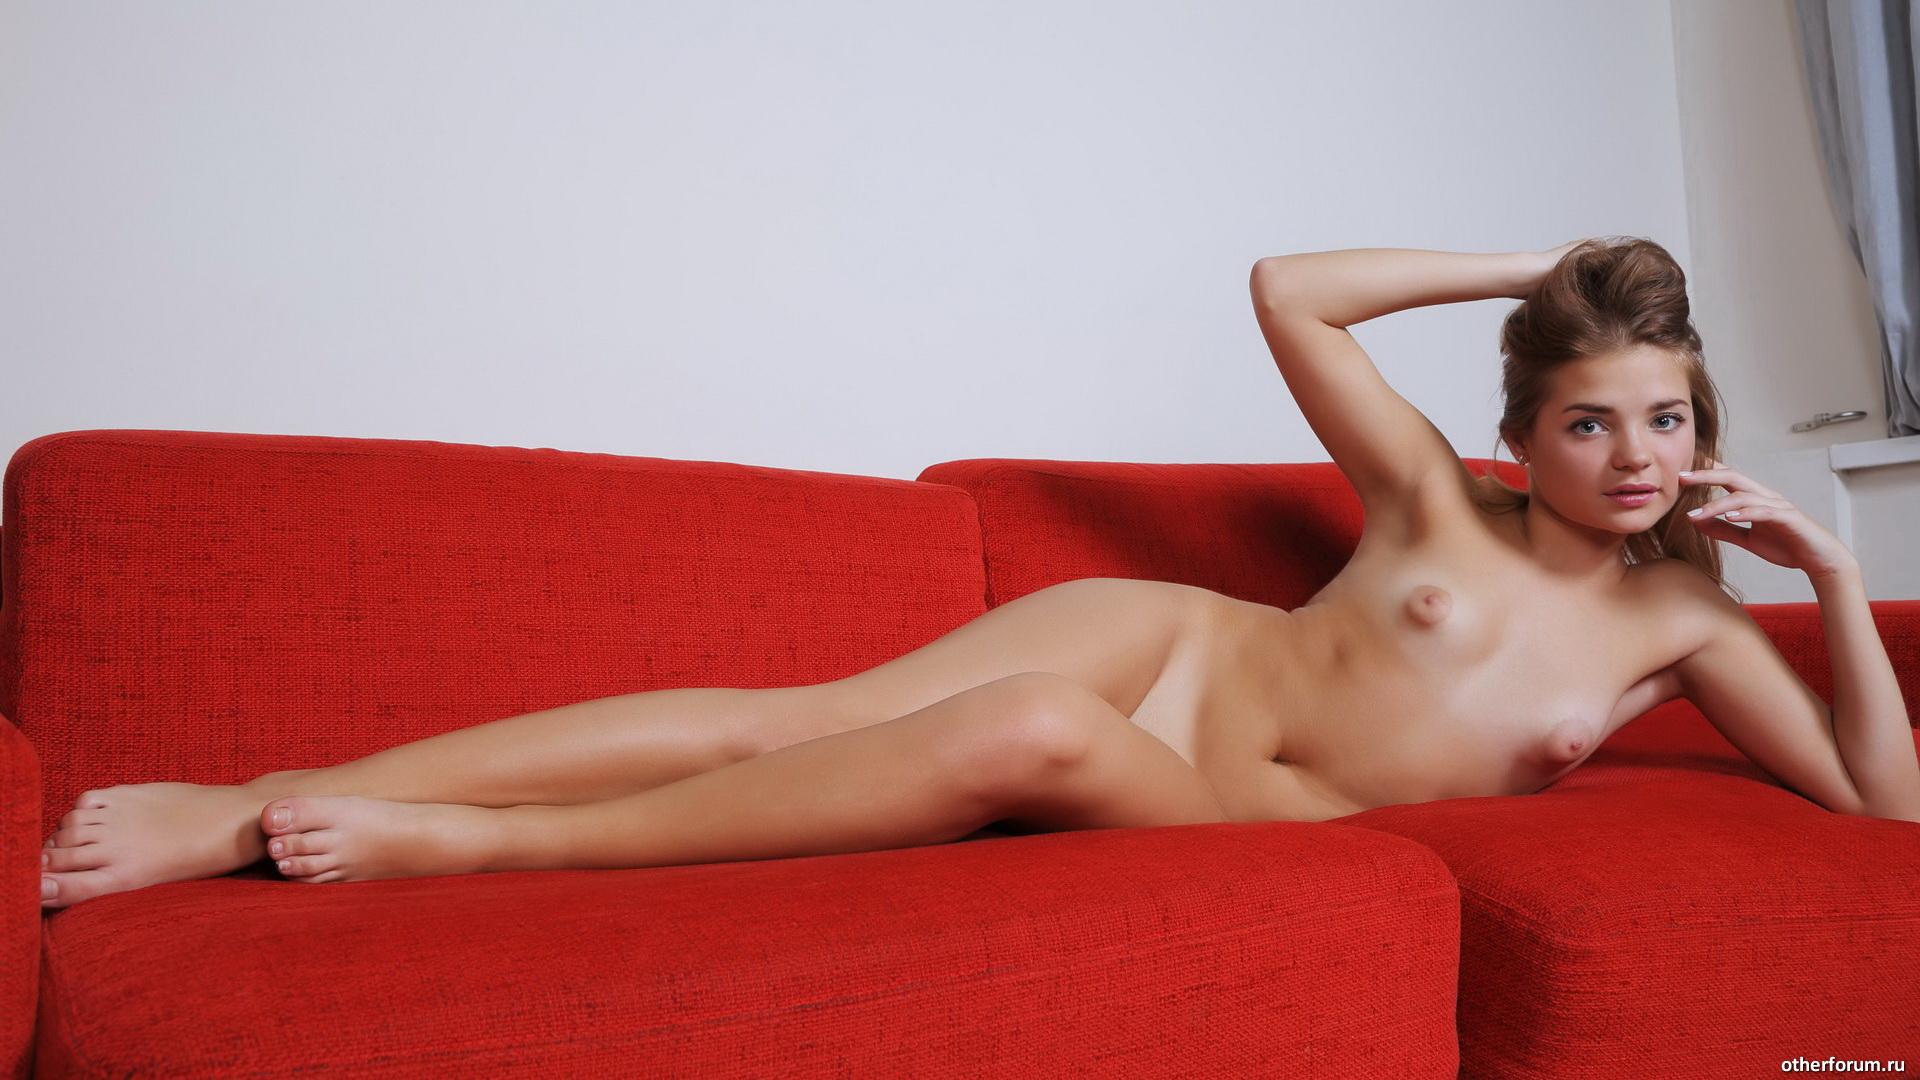 Самая маленькая грудь россии, От 0 до 1: знаменитые девушки с самым маленьким 2 фотография